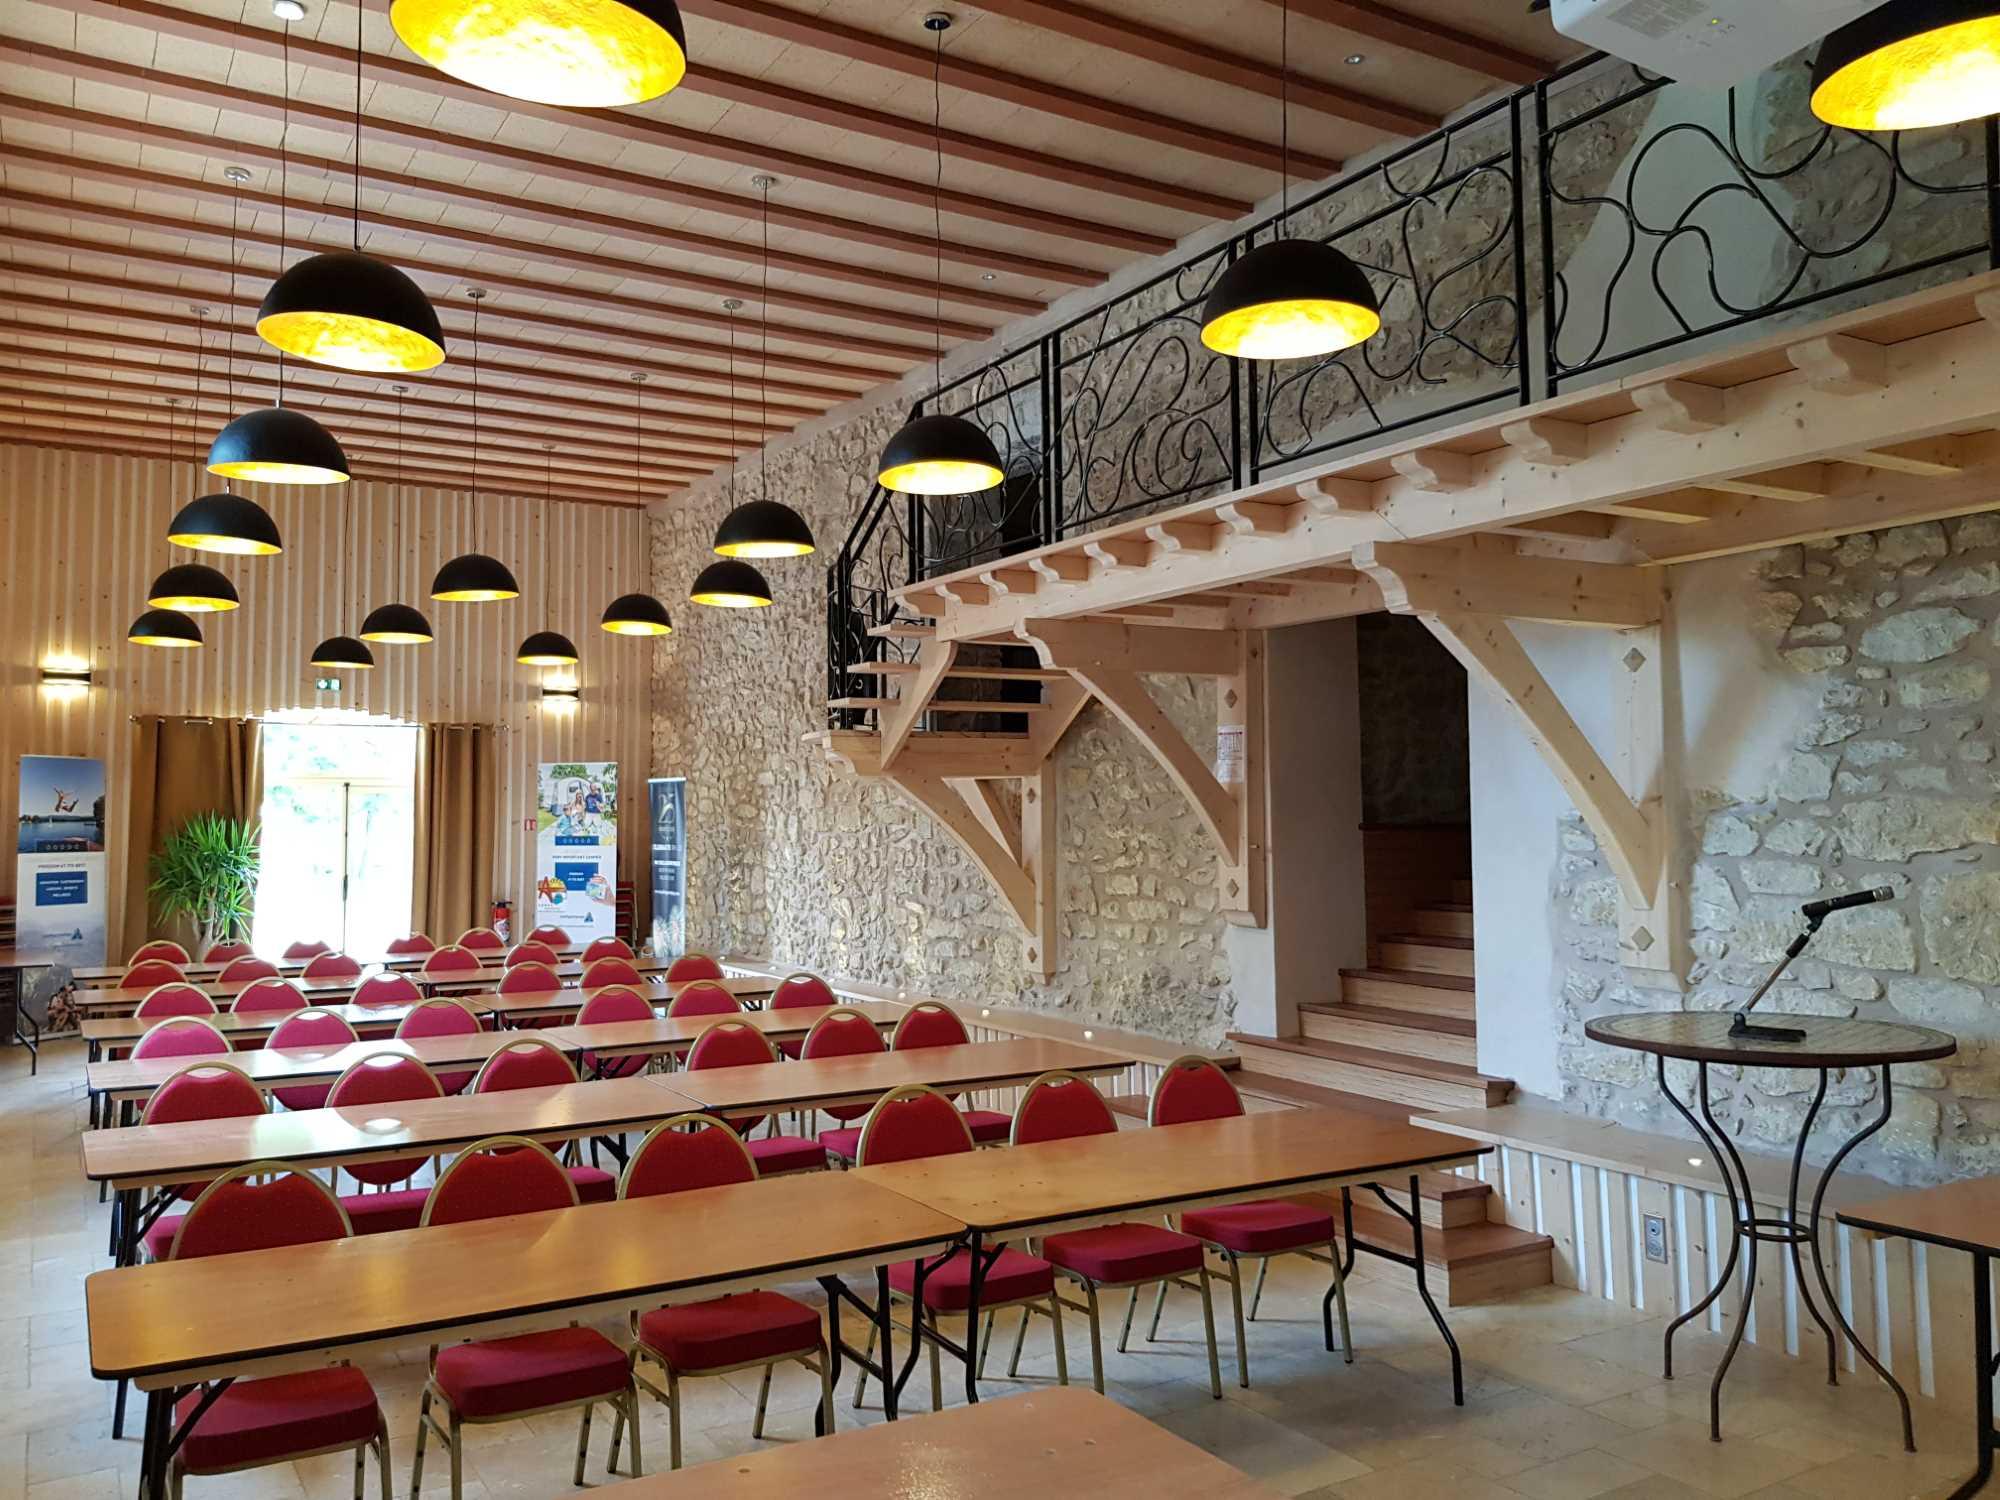 domaine sevenier seminaire reception slide2 - Séminaire / Réception en Ardèche